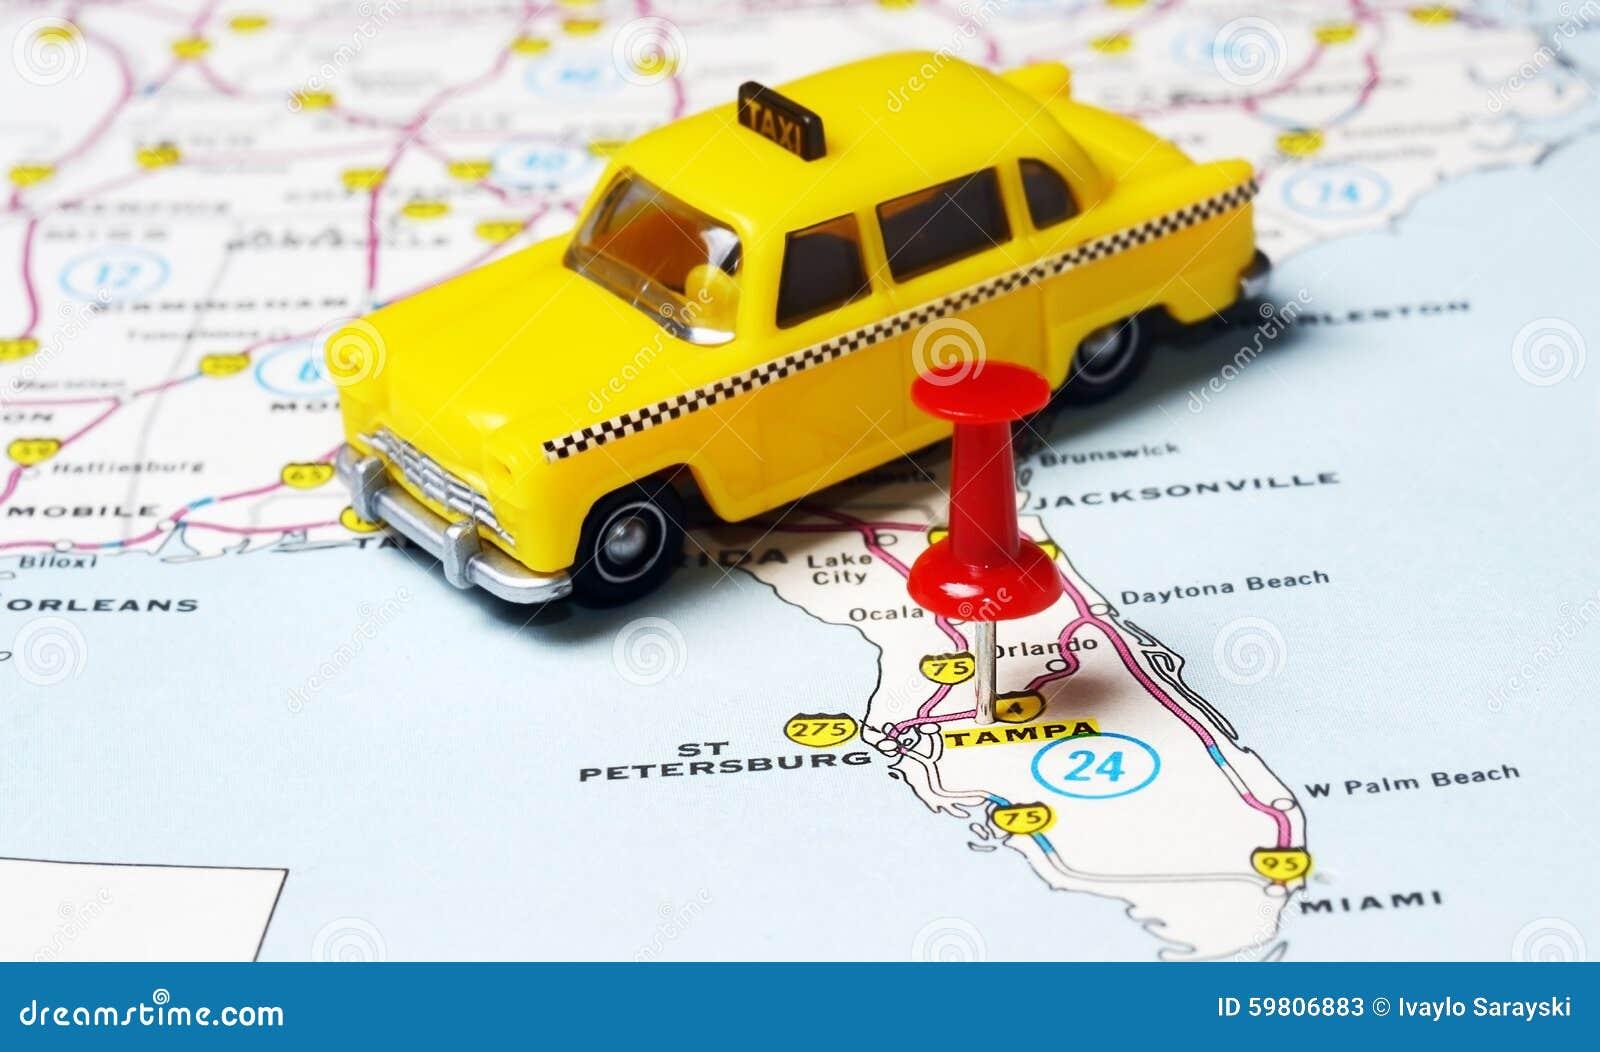 Tampa Florida Usa Map.Miami Usa Map Taxi Stock Image Image Of Navigation Auto 59806883